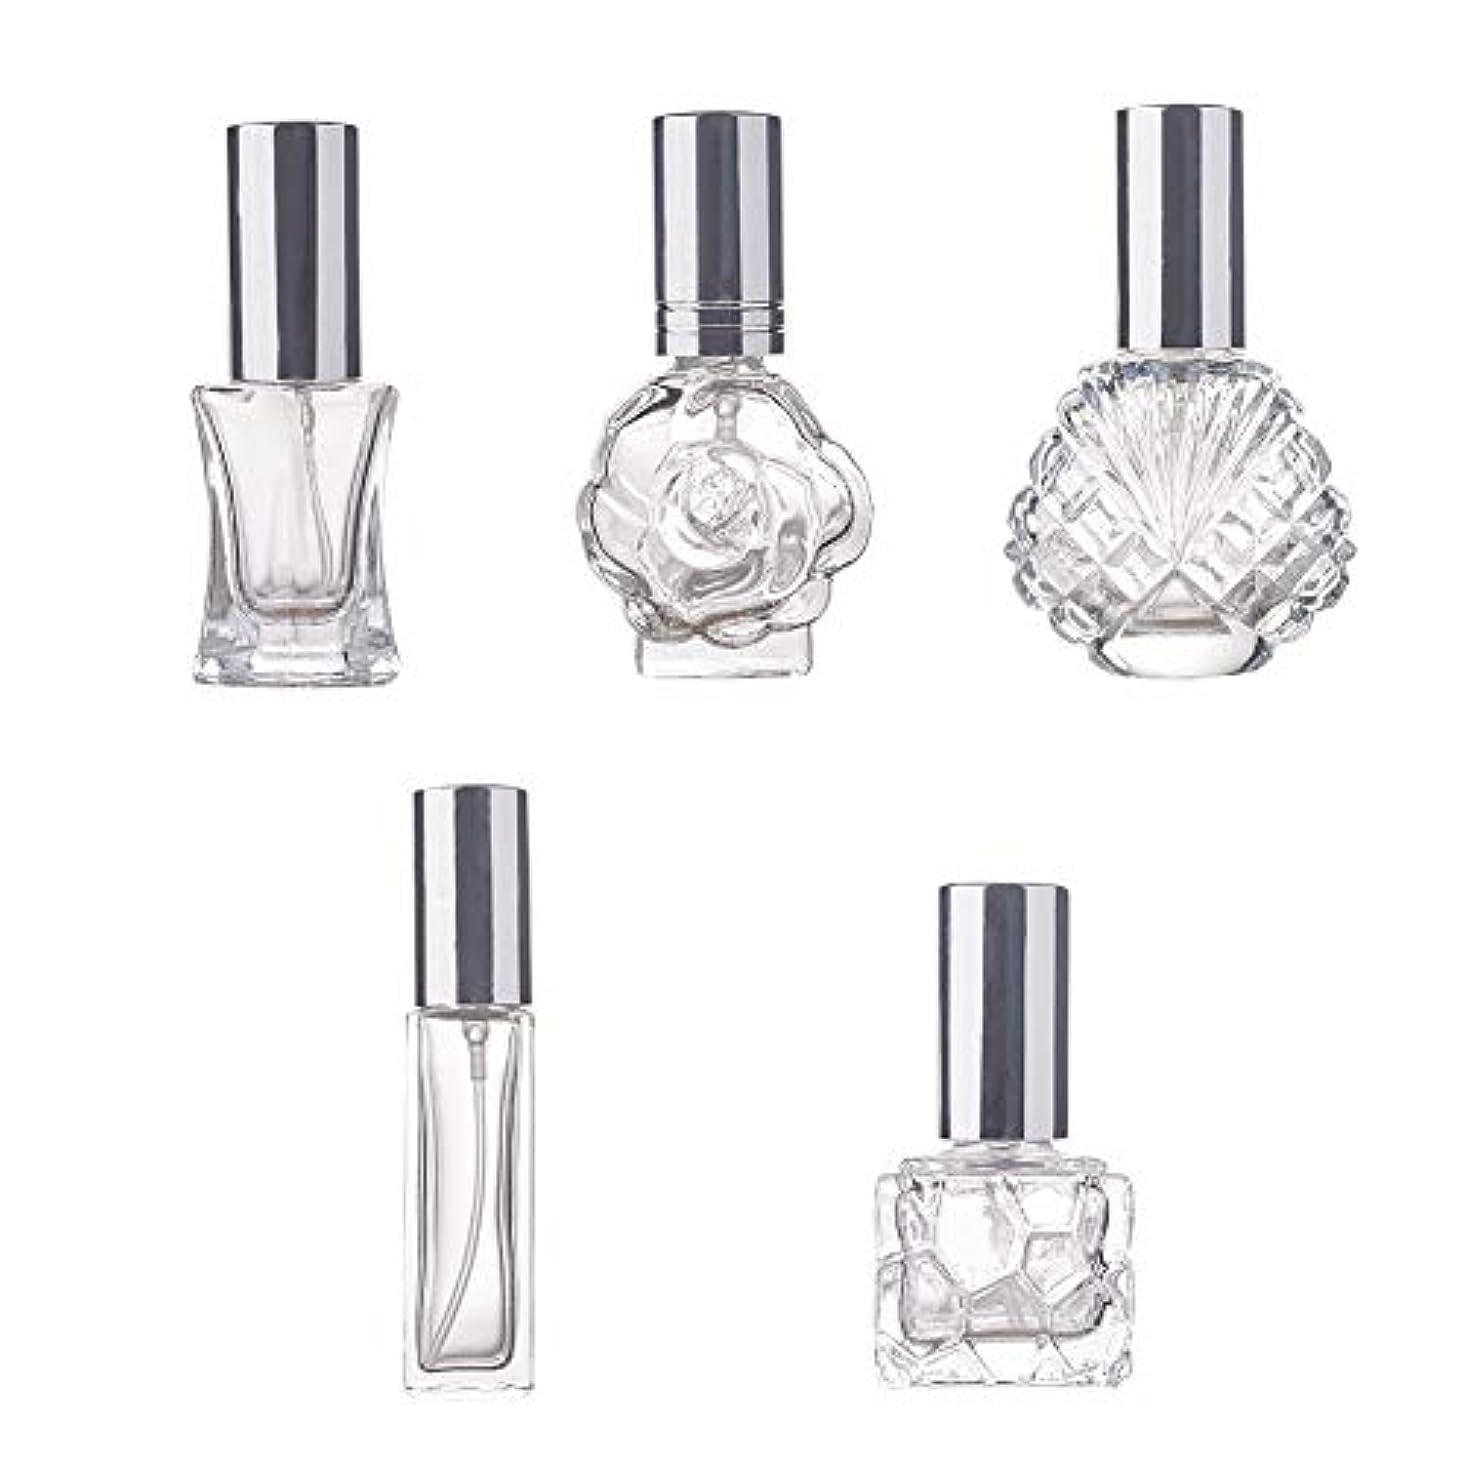 状仕様メイエラBENECREAT 5個ガラス香水スプレーボトル 多種の形 極細ミスト 香水 芳香剤 化粧水小分け 詰め替えボトル